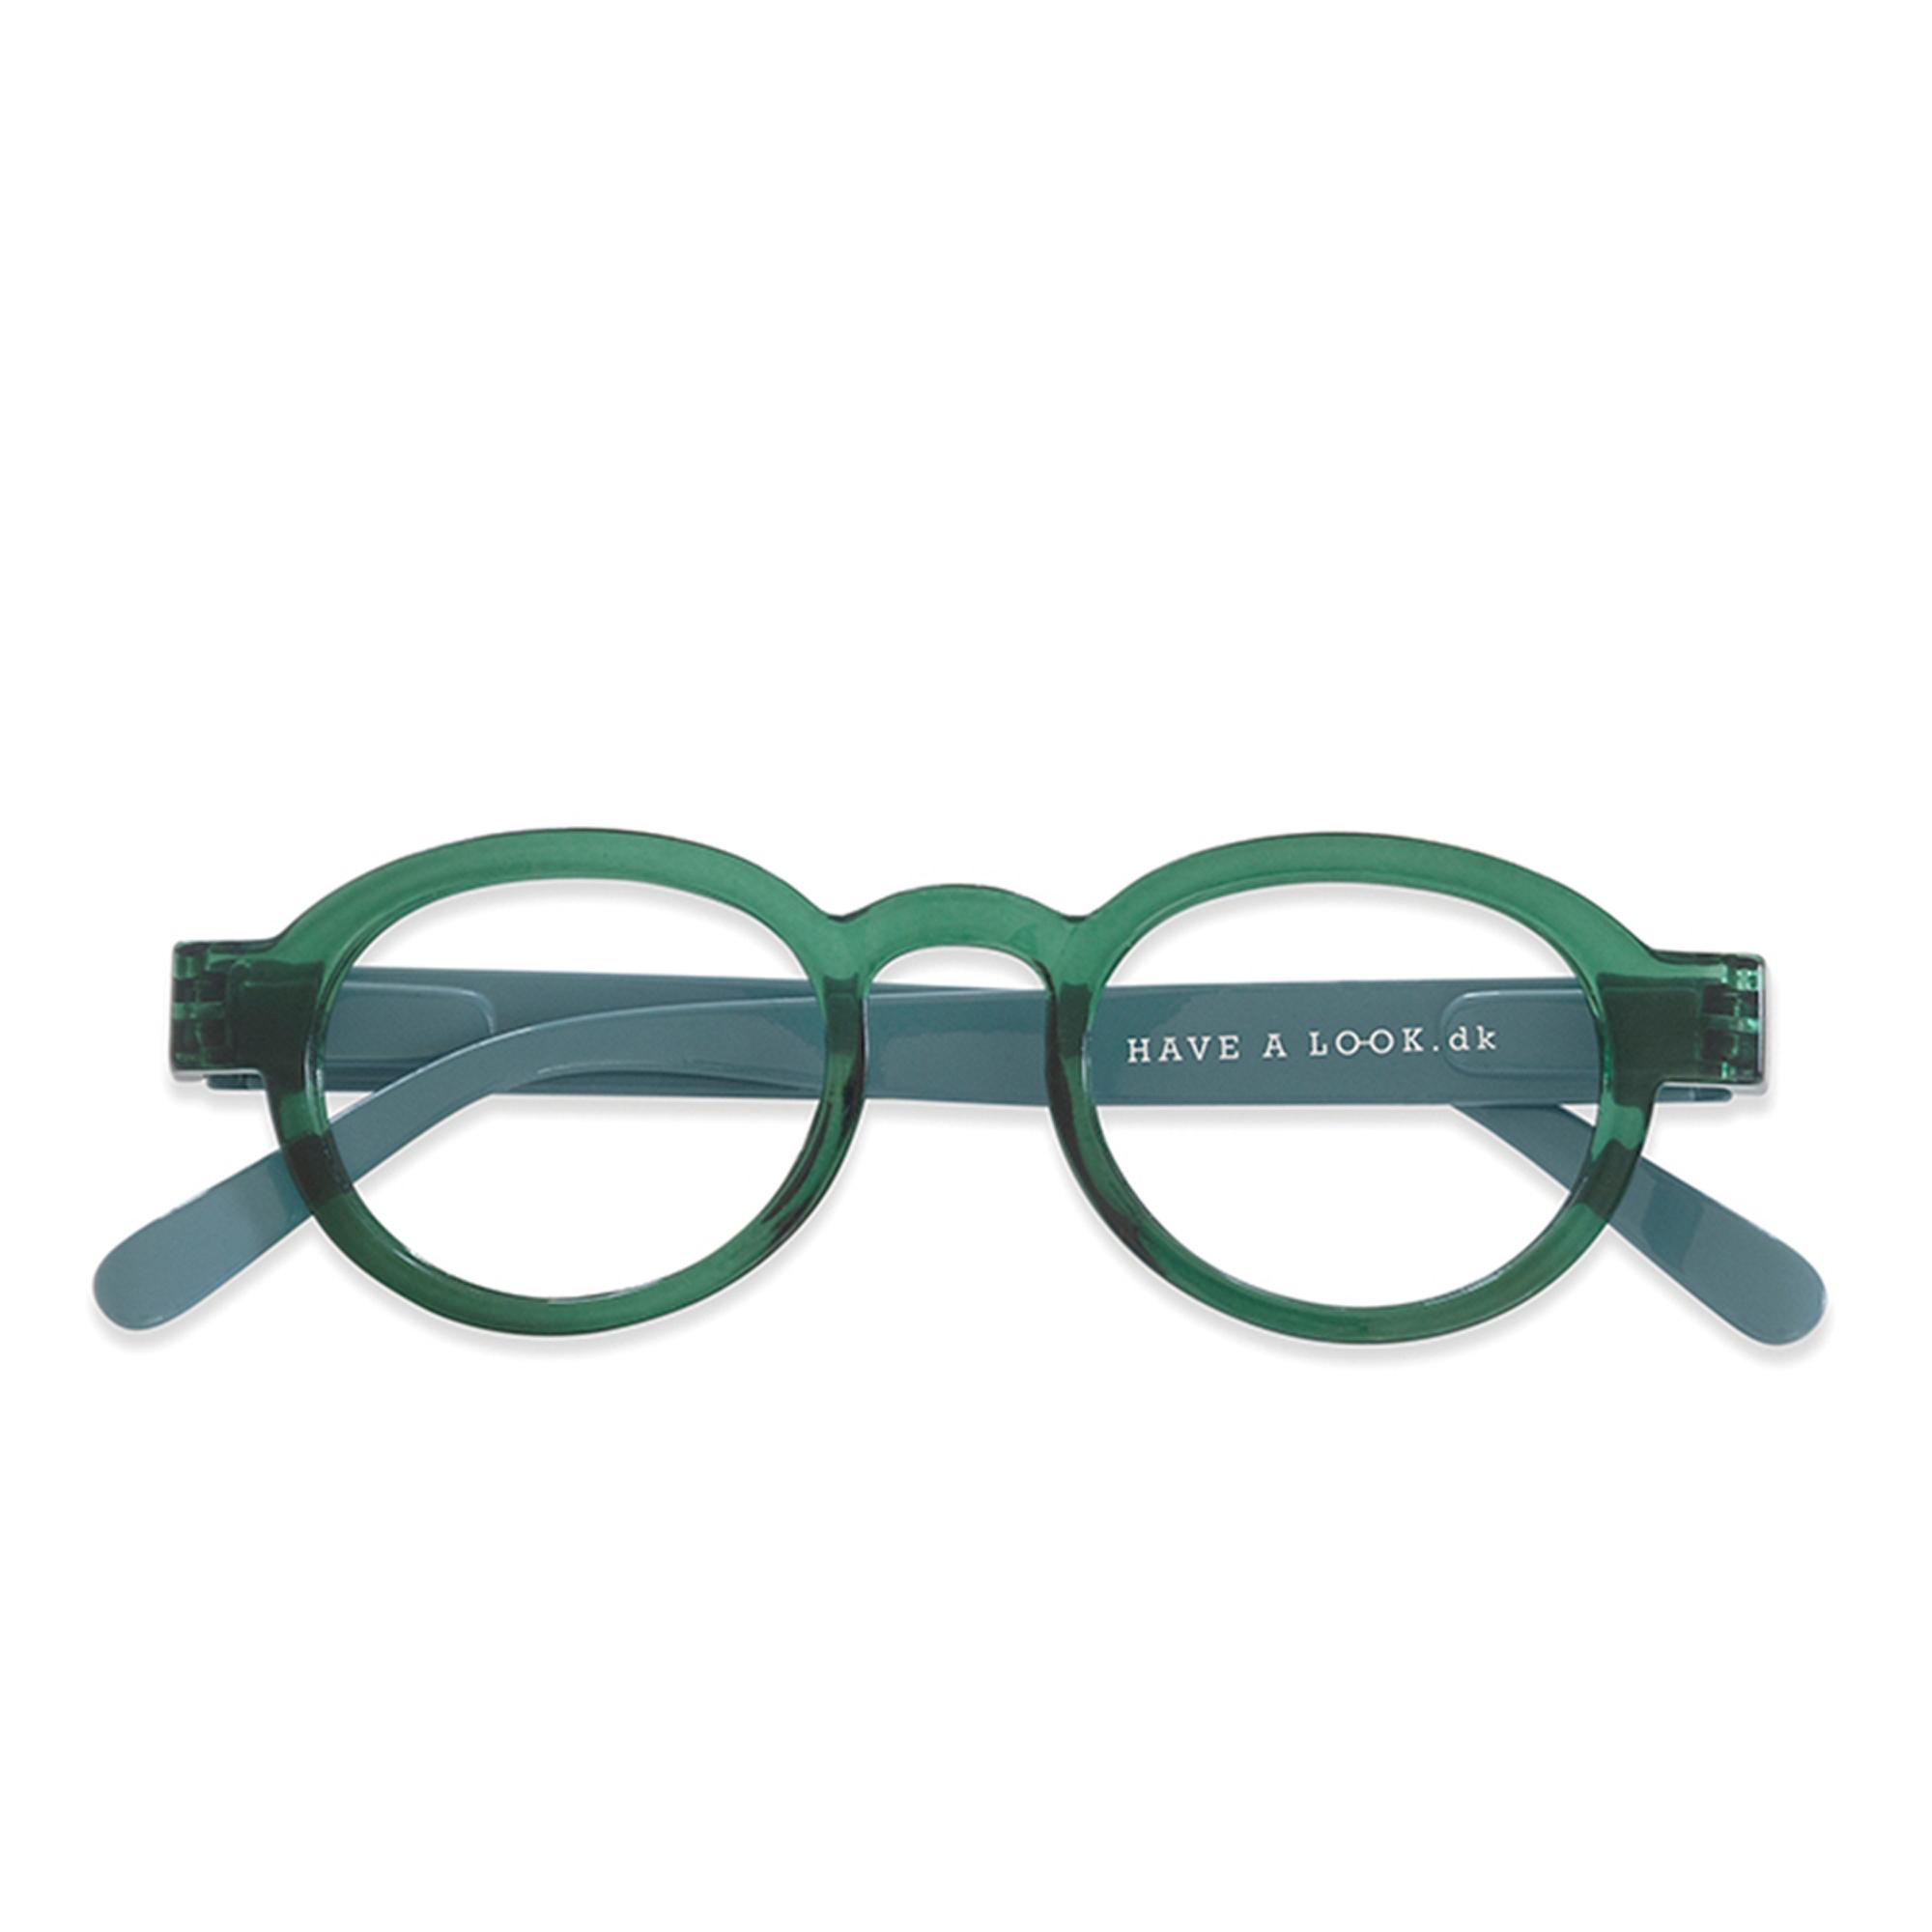 Designtorget Läsg Circle Twist green/blue +2